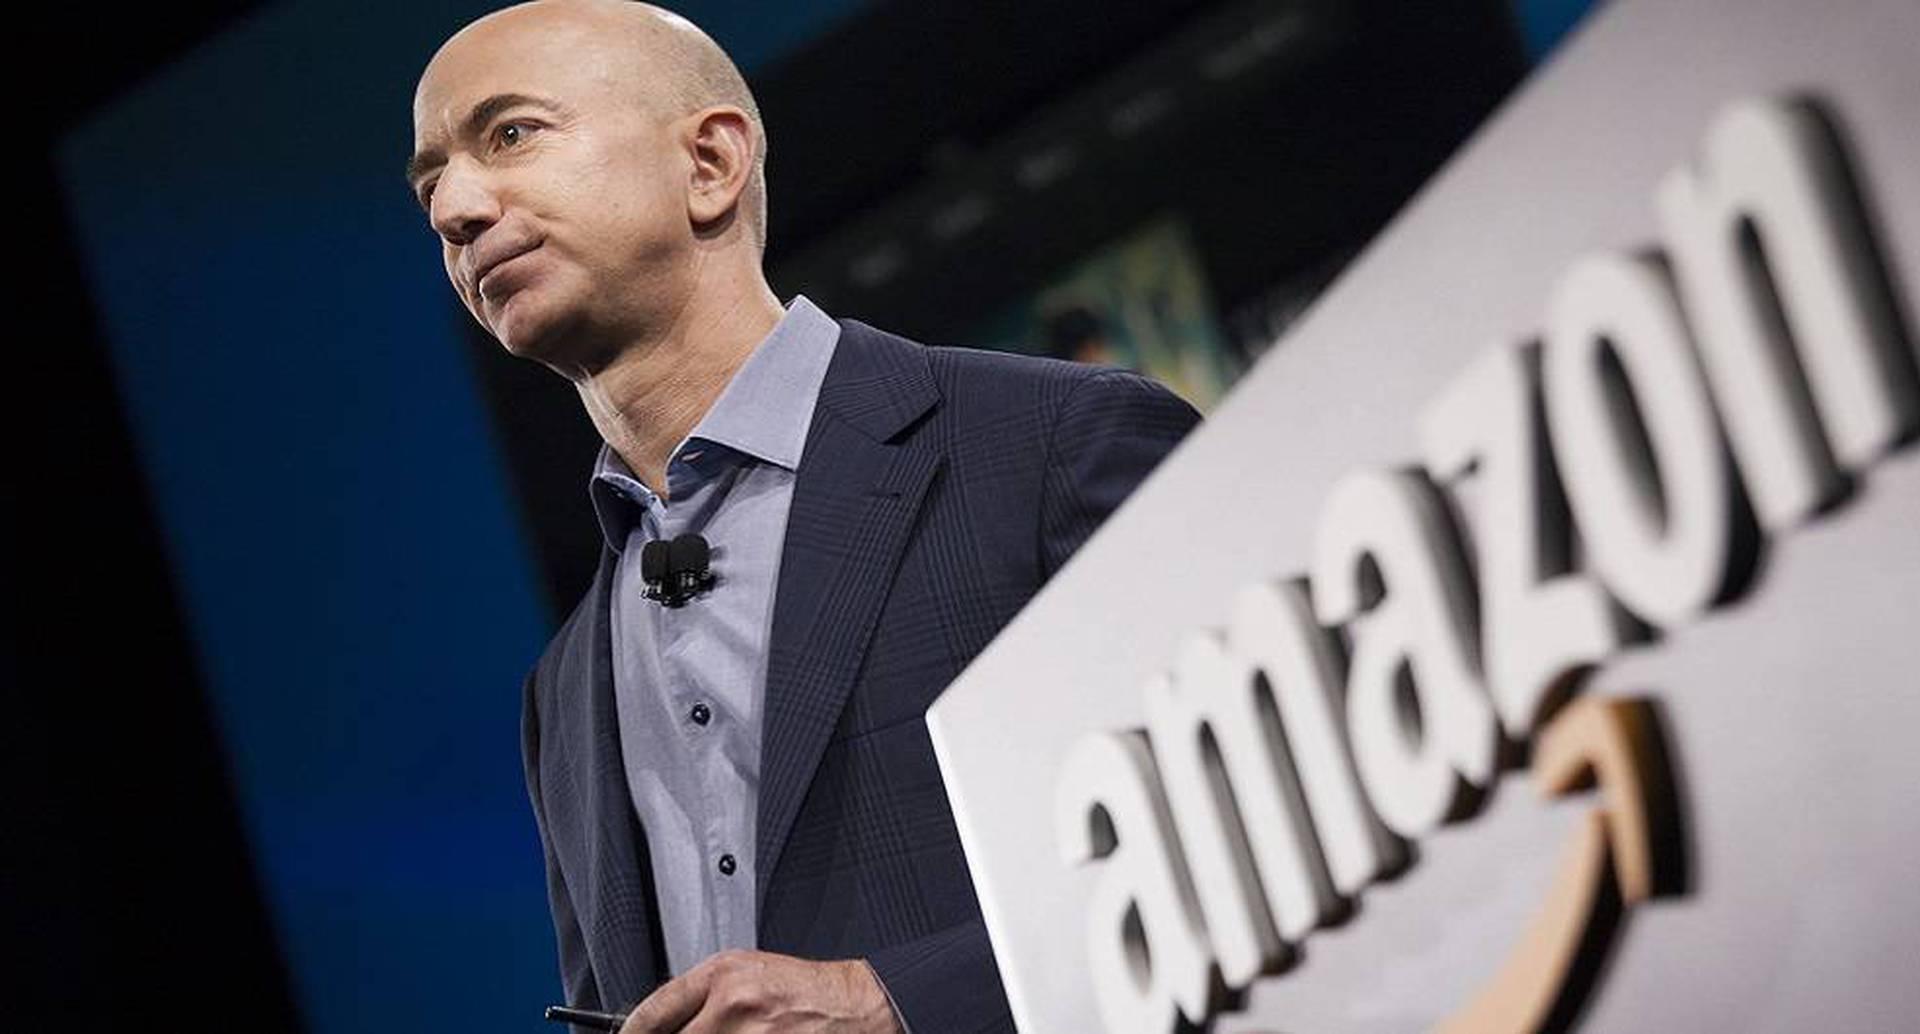 El estadounidense Humphrey Yang publicó en su cuenta de Tik Tok un video en el que escala la fortuna de Jeff Bezos a granos de arroz